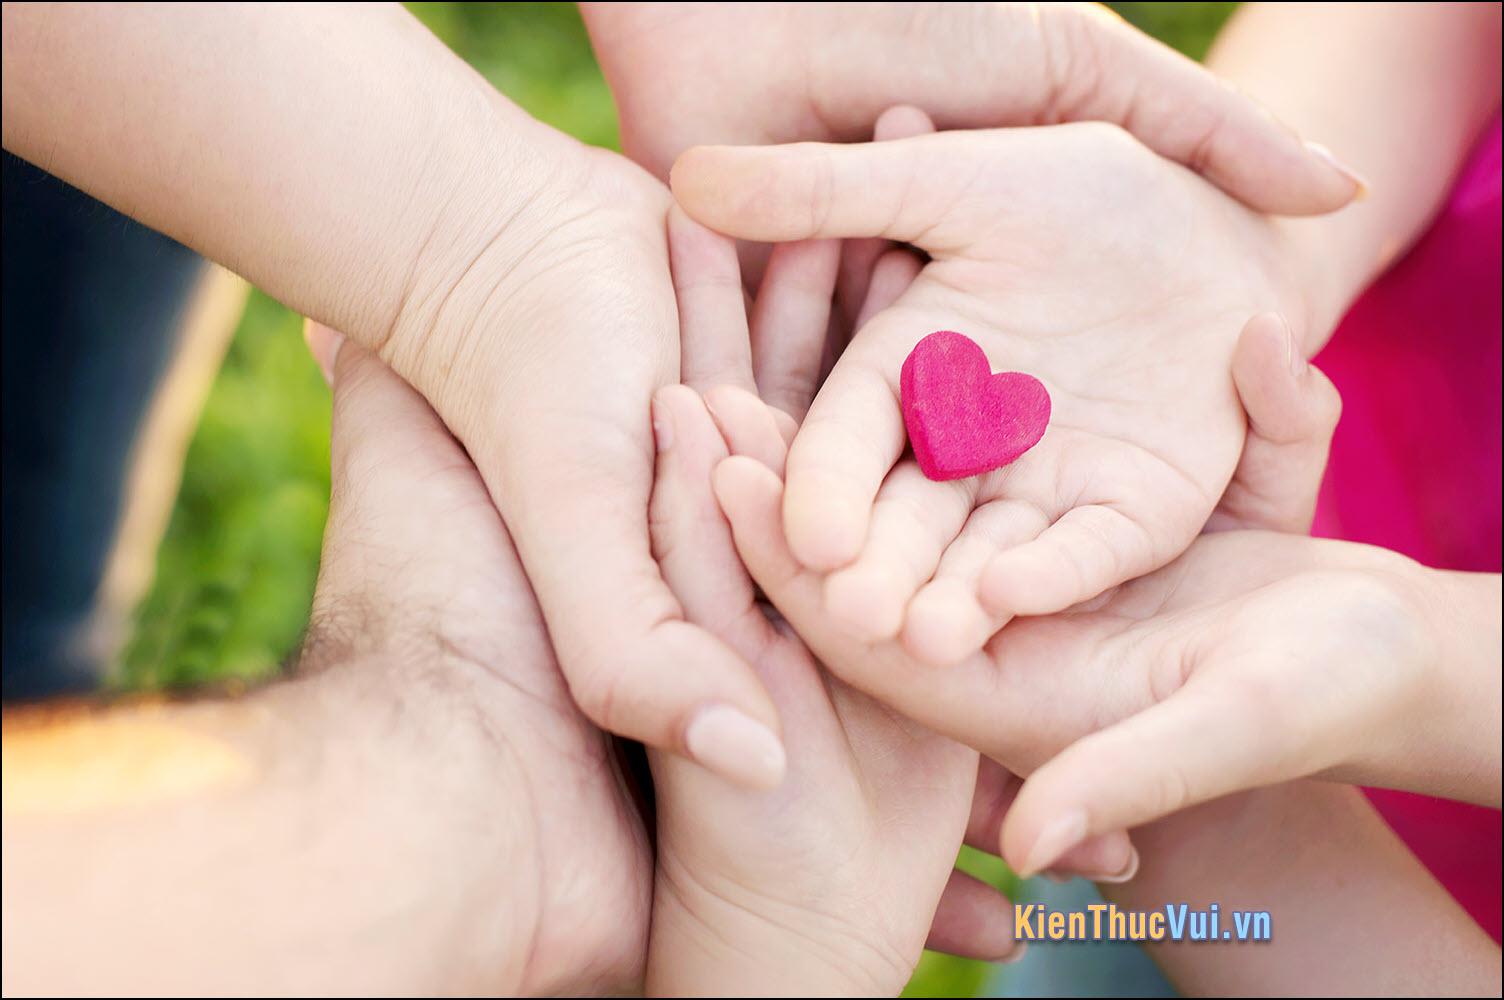 Chúng ta yêu thương không phải bởi tìm được người hoàn hảo, mà bởi học được cách nhìn người không hoàn hảo một cách hoàn hảo